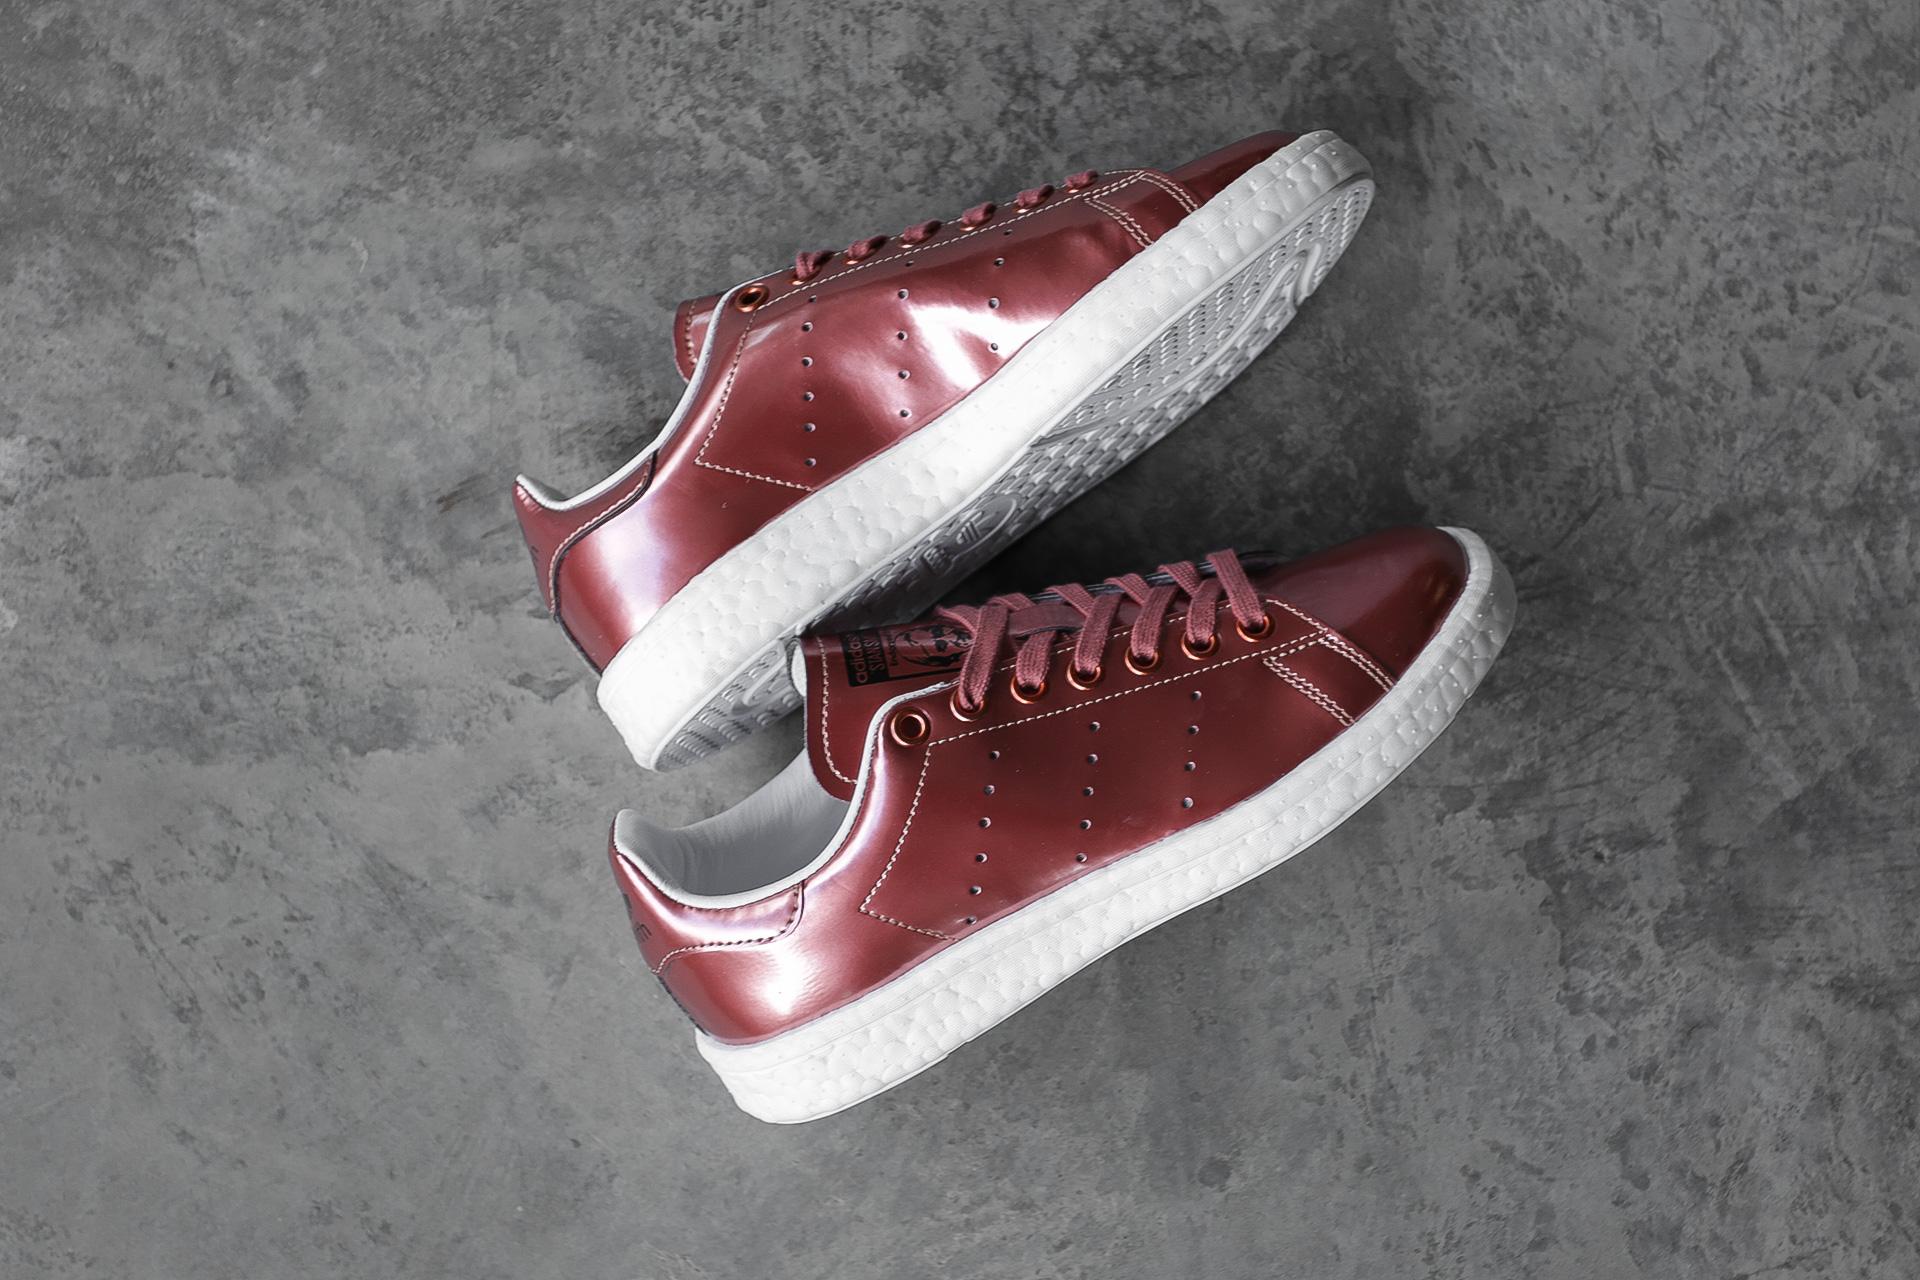 2d7cab8233c2 ... Купить женские красные кроссовки adidas Originals Stan Smith W - фото 7  картинки